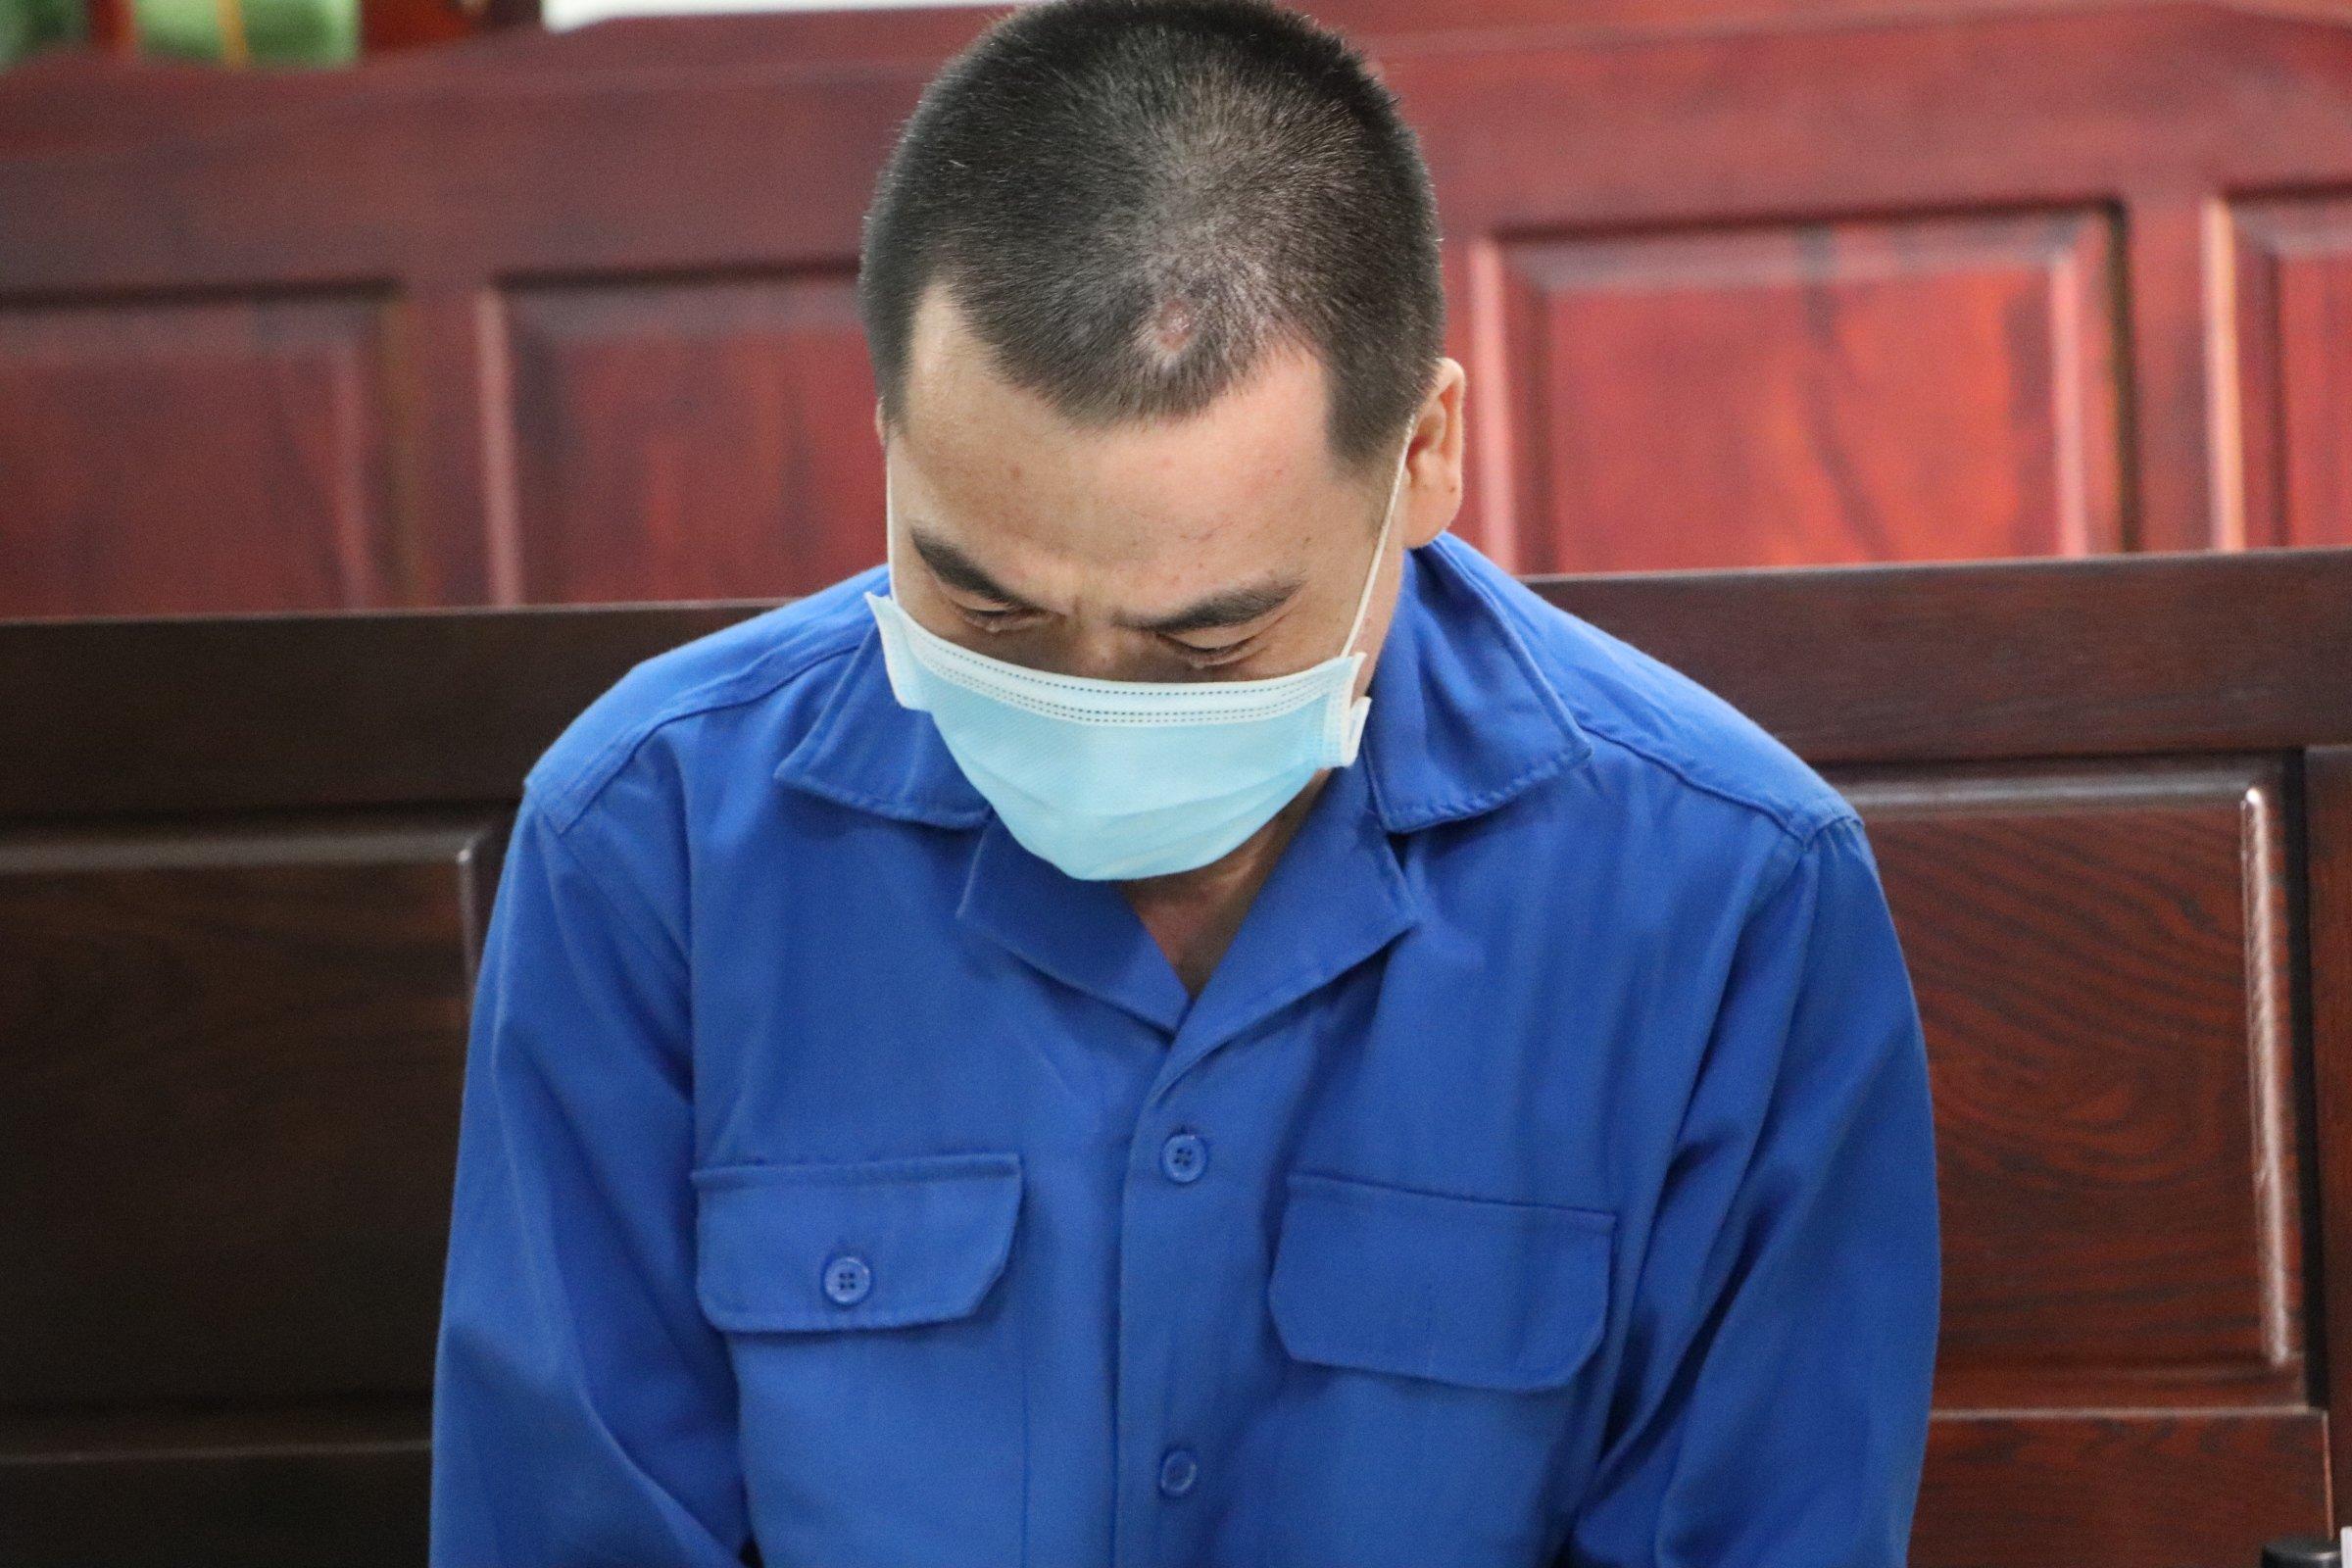 Bị cáo Nguyễn Hoàng Nhật tại tòa sáng 2/3